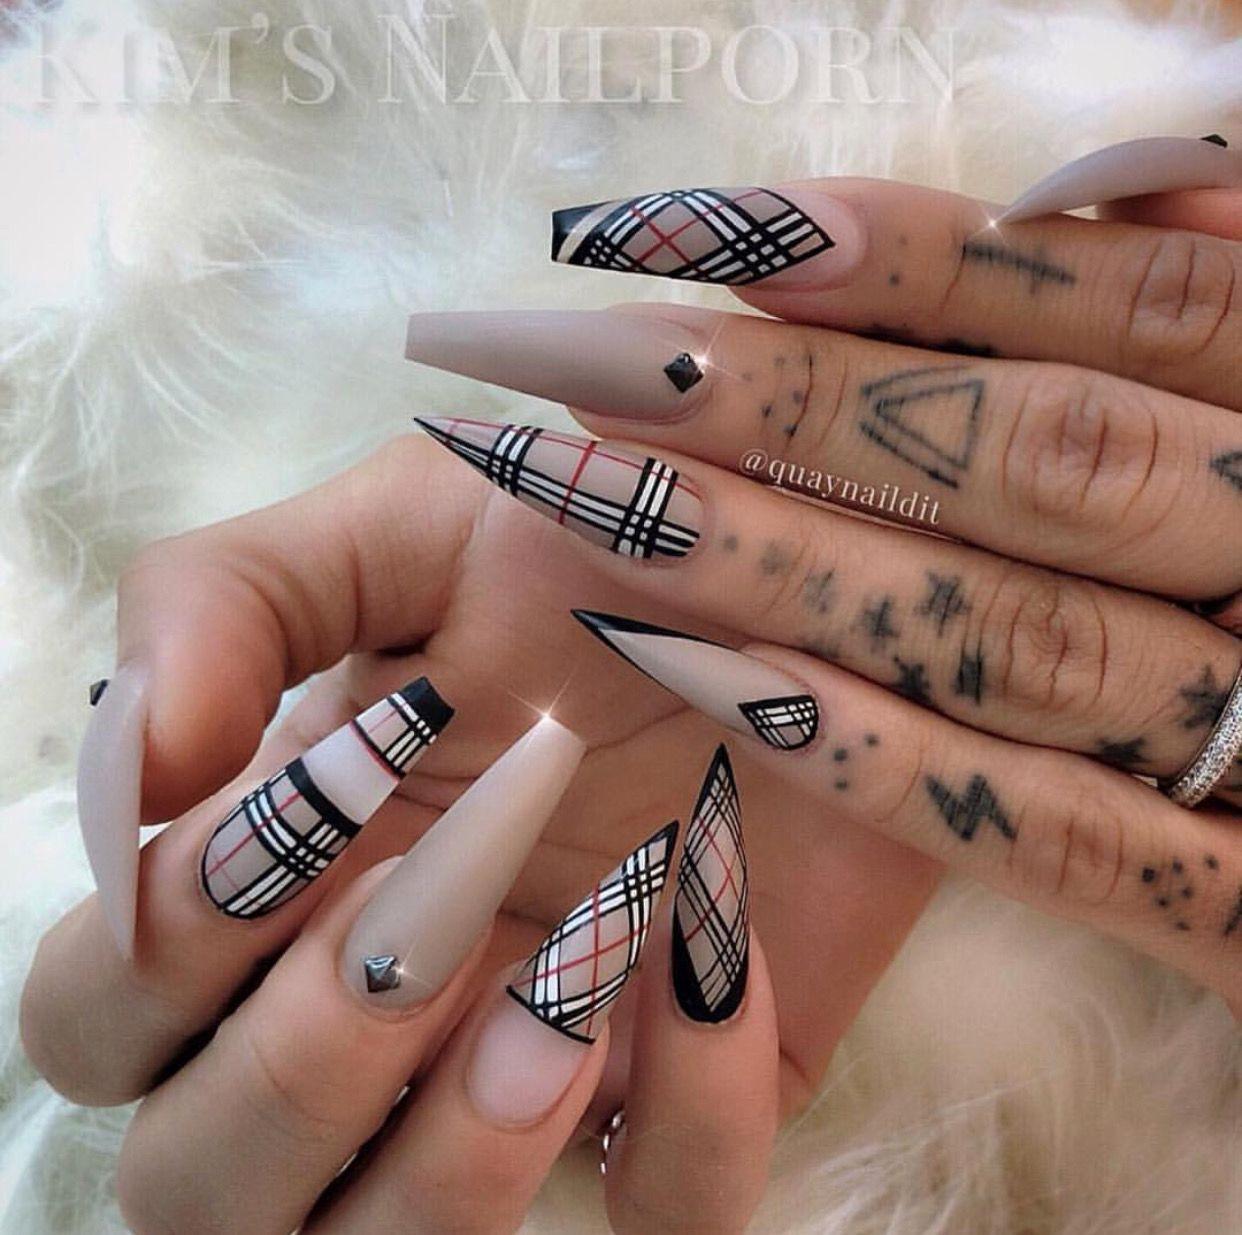 Nailart Nails Art Nailenthusiast Nailinspiration Nailgoals Coffinnails Longnails Stillettonails Burberry Plai Burberry Nails Gucci Nails Plaid Nails